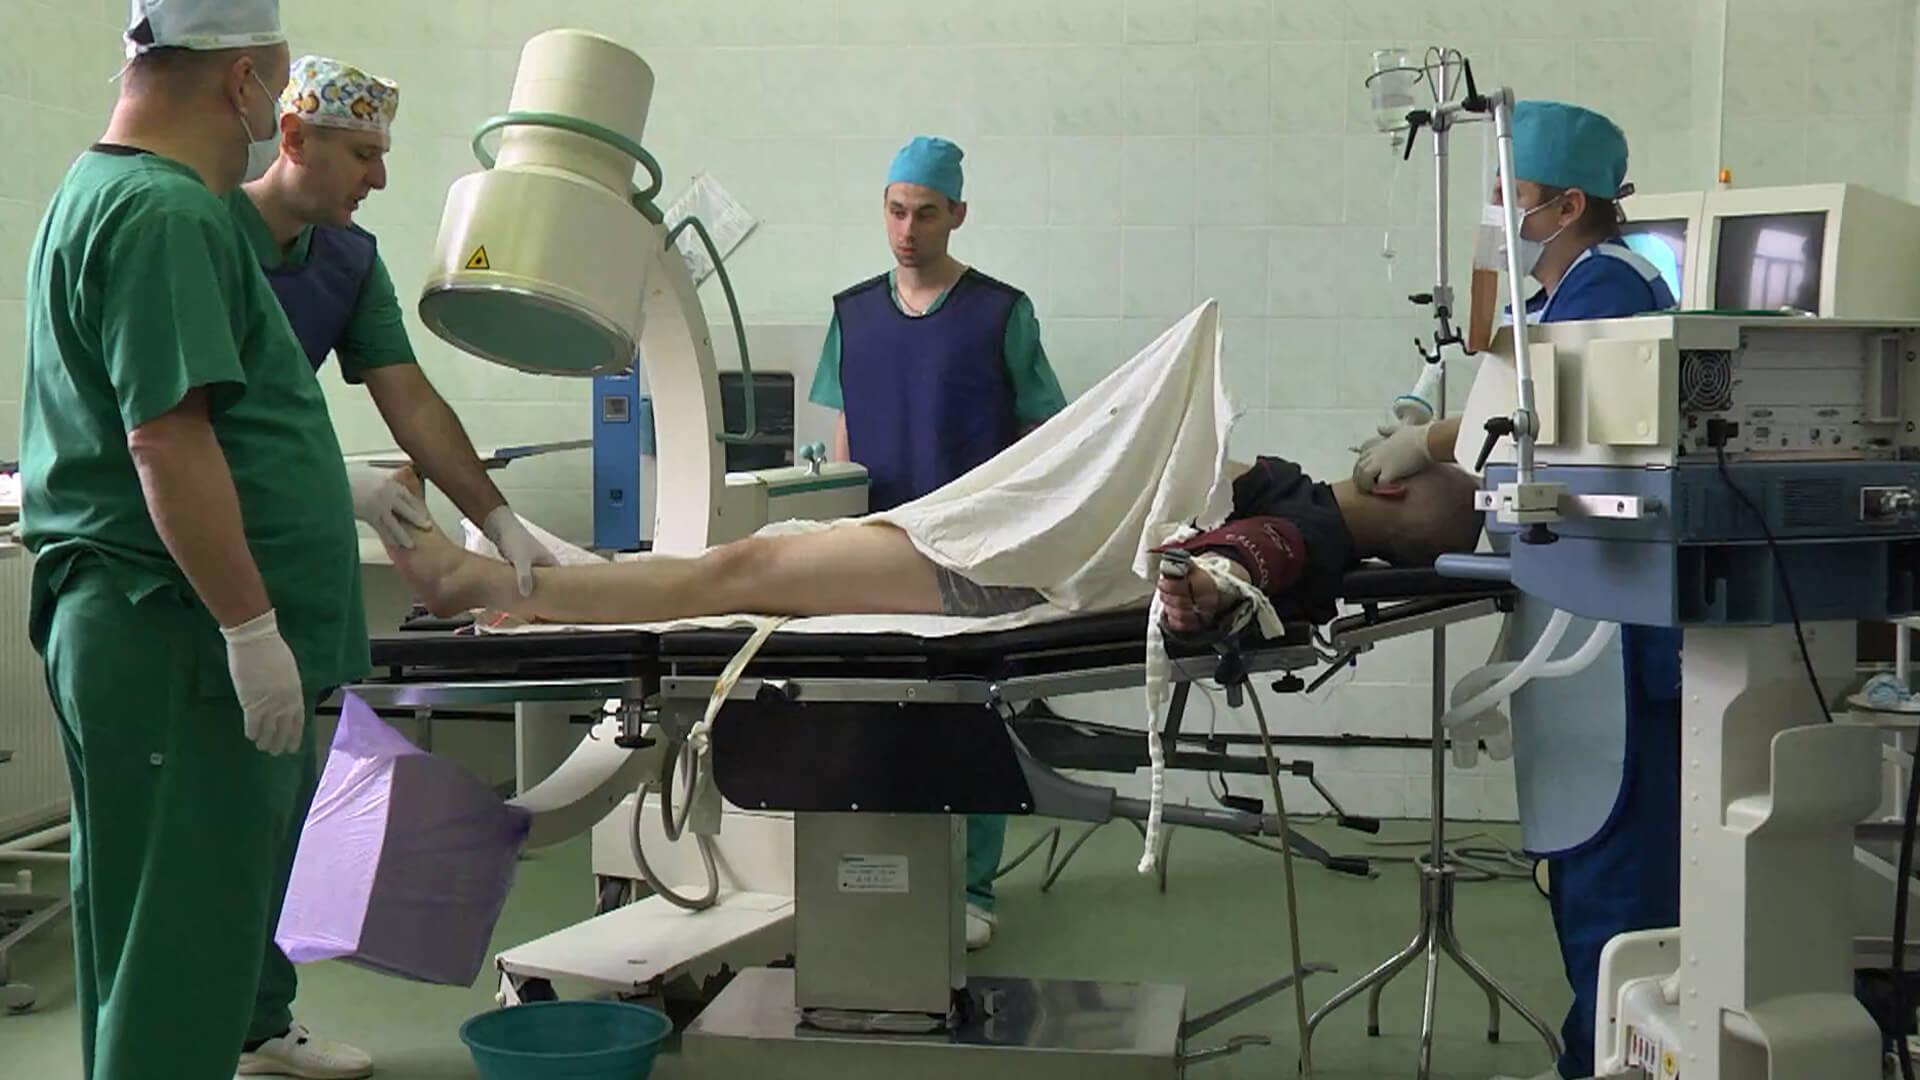 Як коломийські травматологи роблять складні операції із заміни суглоба (ВІДЕО)